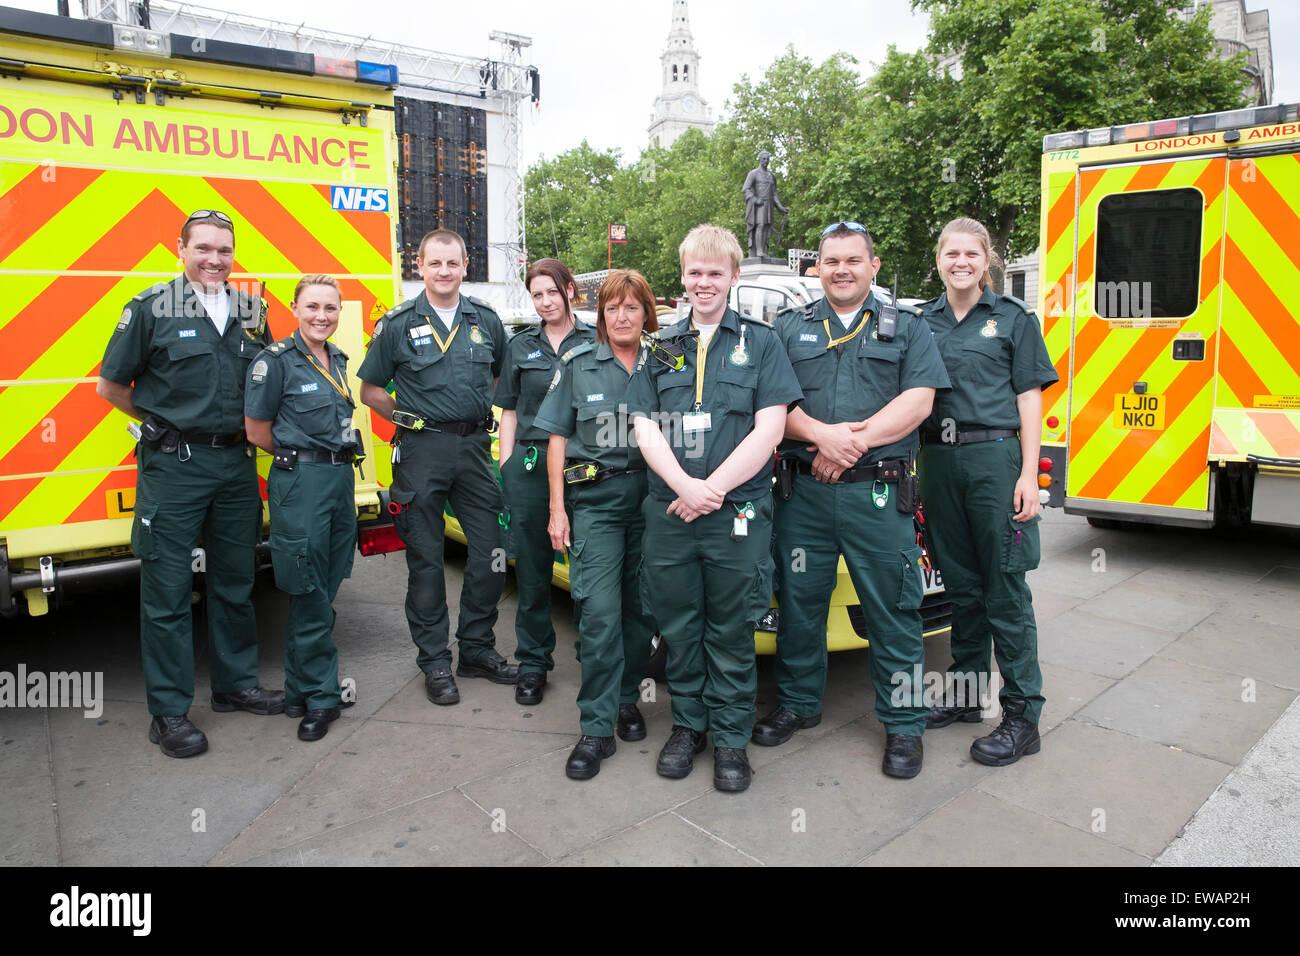 uniform london erotic services